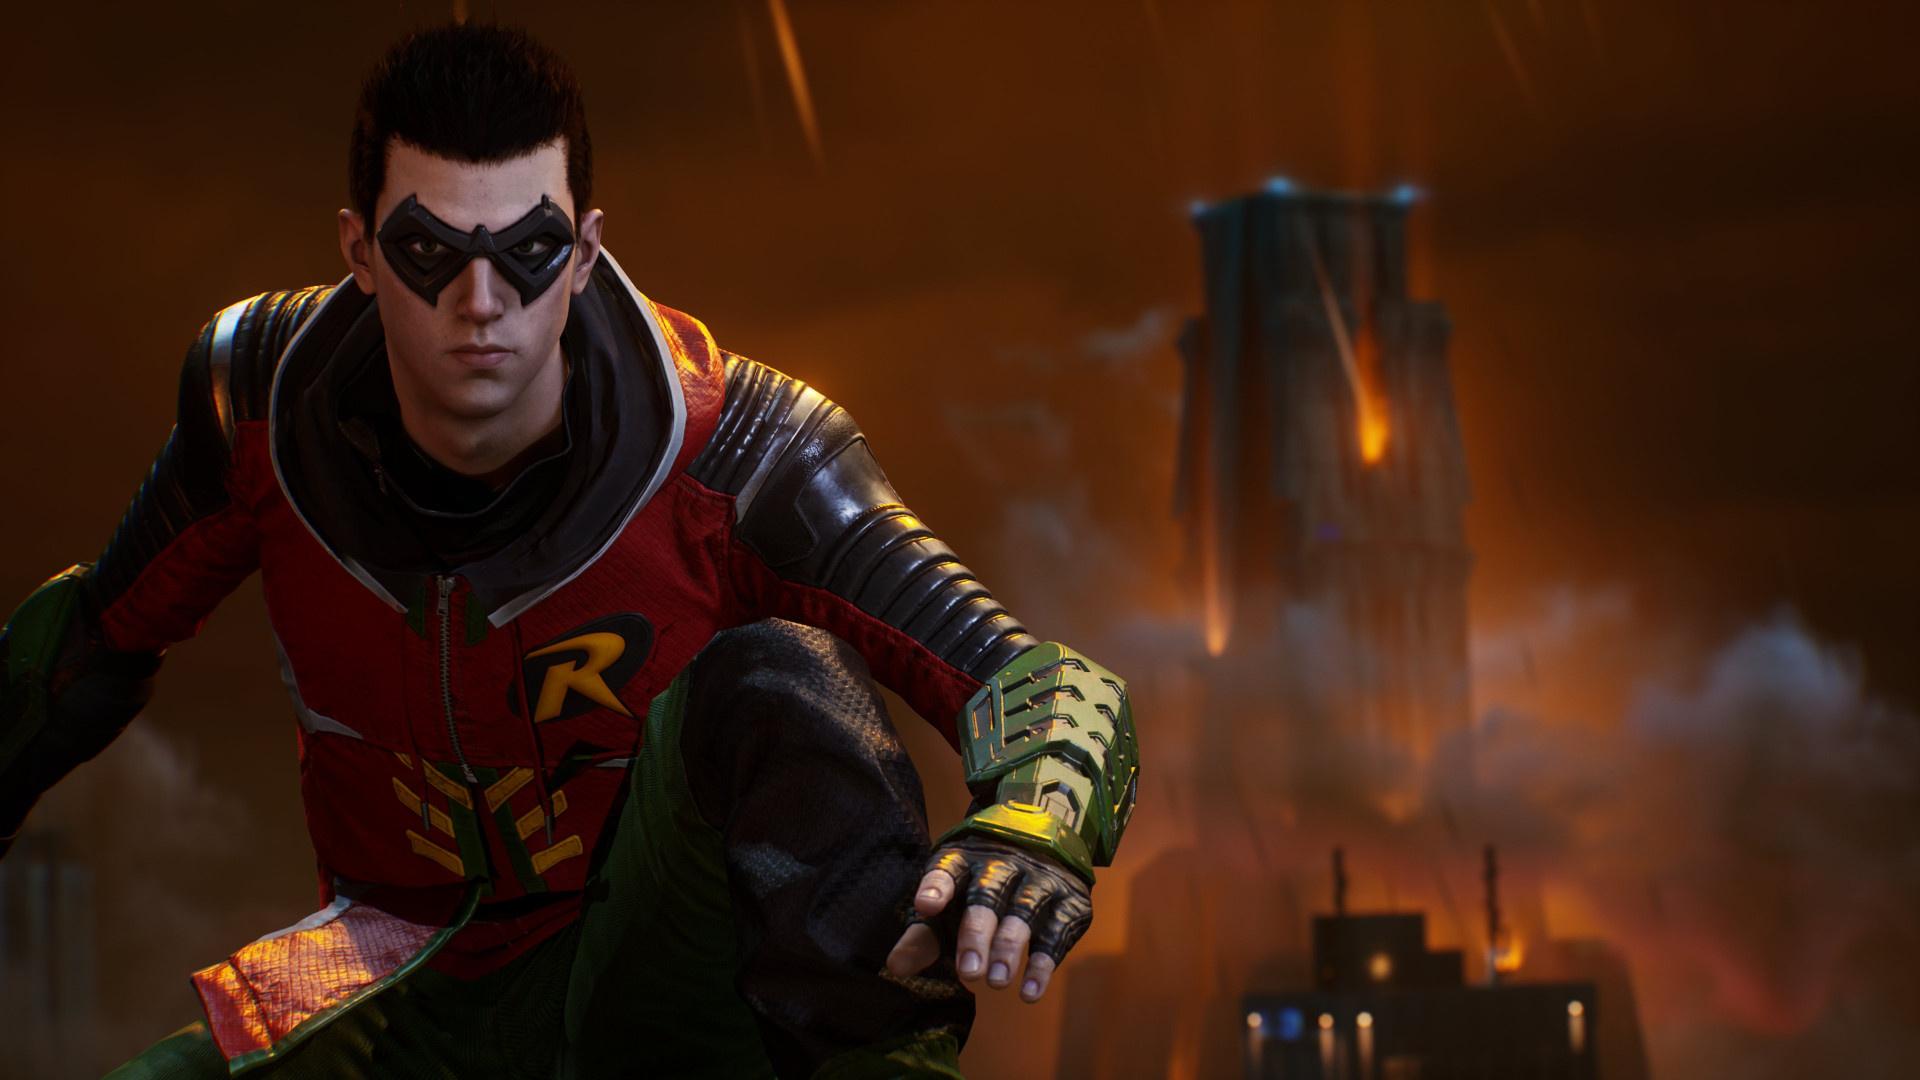 Боевую систему Gotham Knights полностью переделали ради кооператива